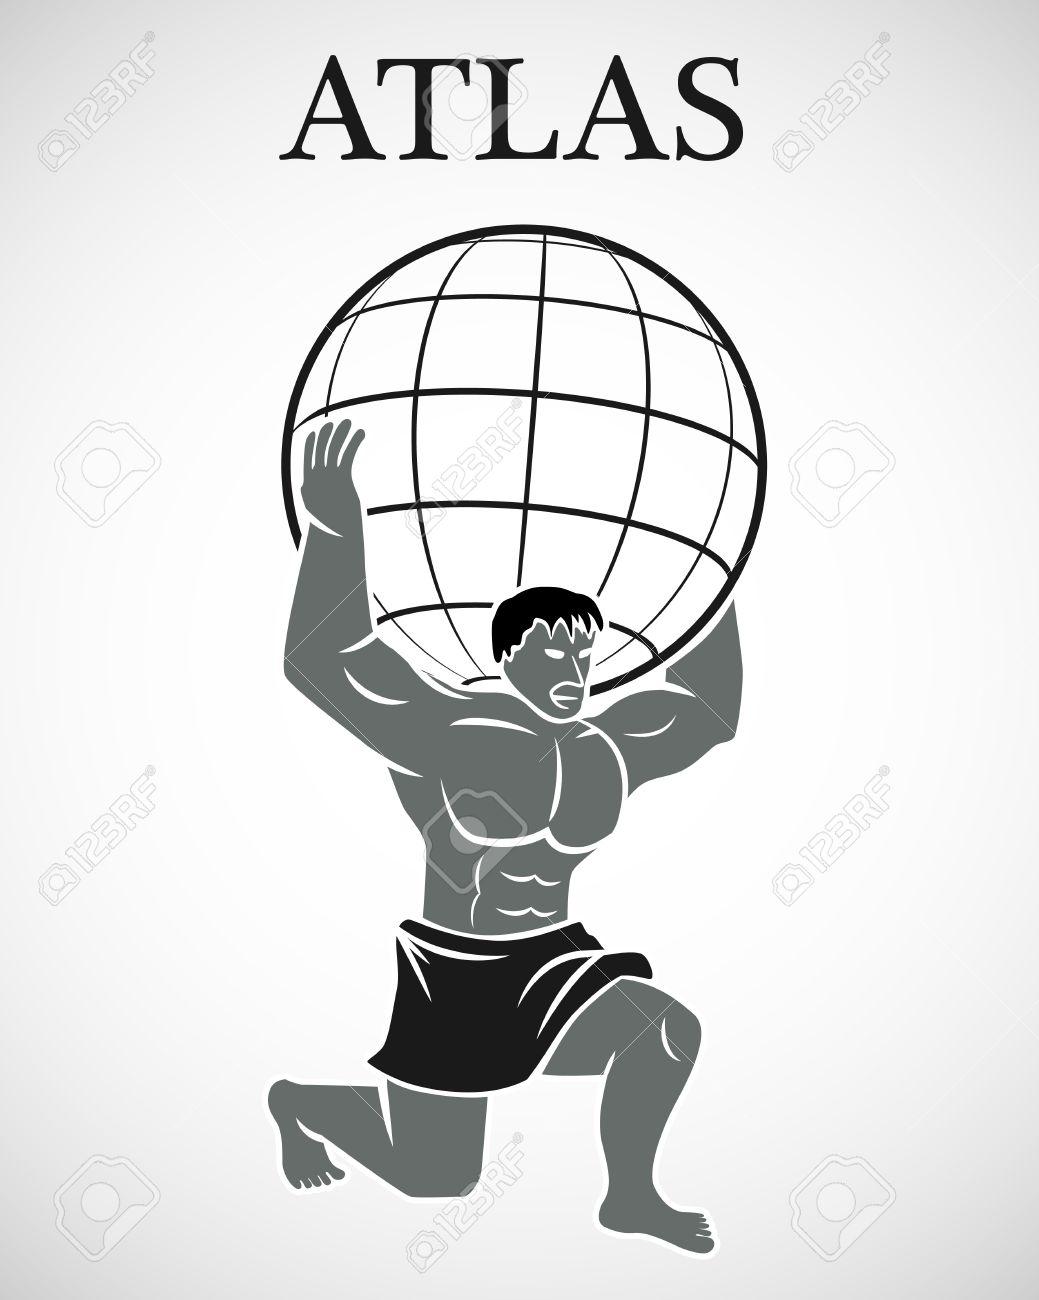 Stylized Atlas - 23311002